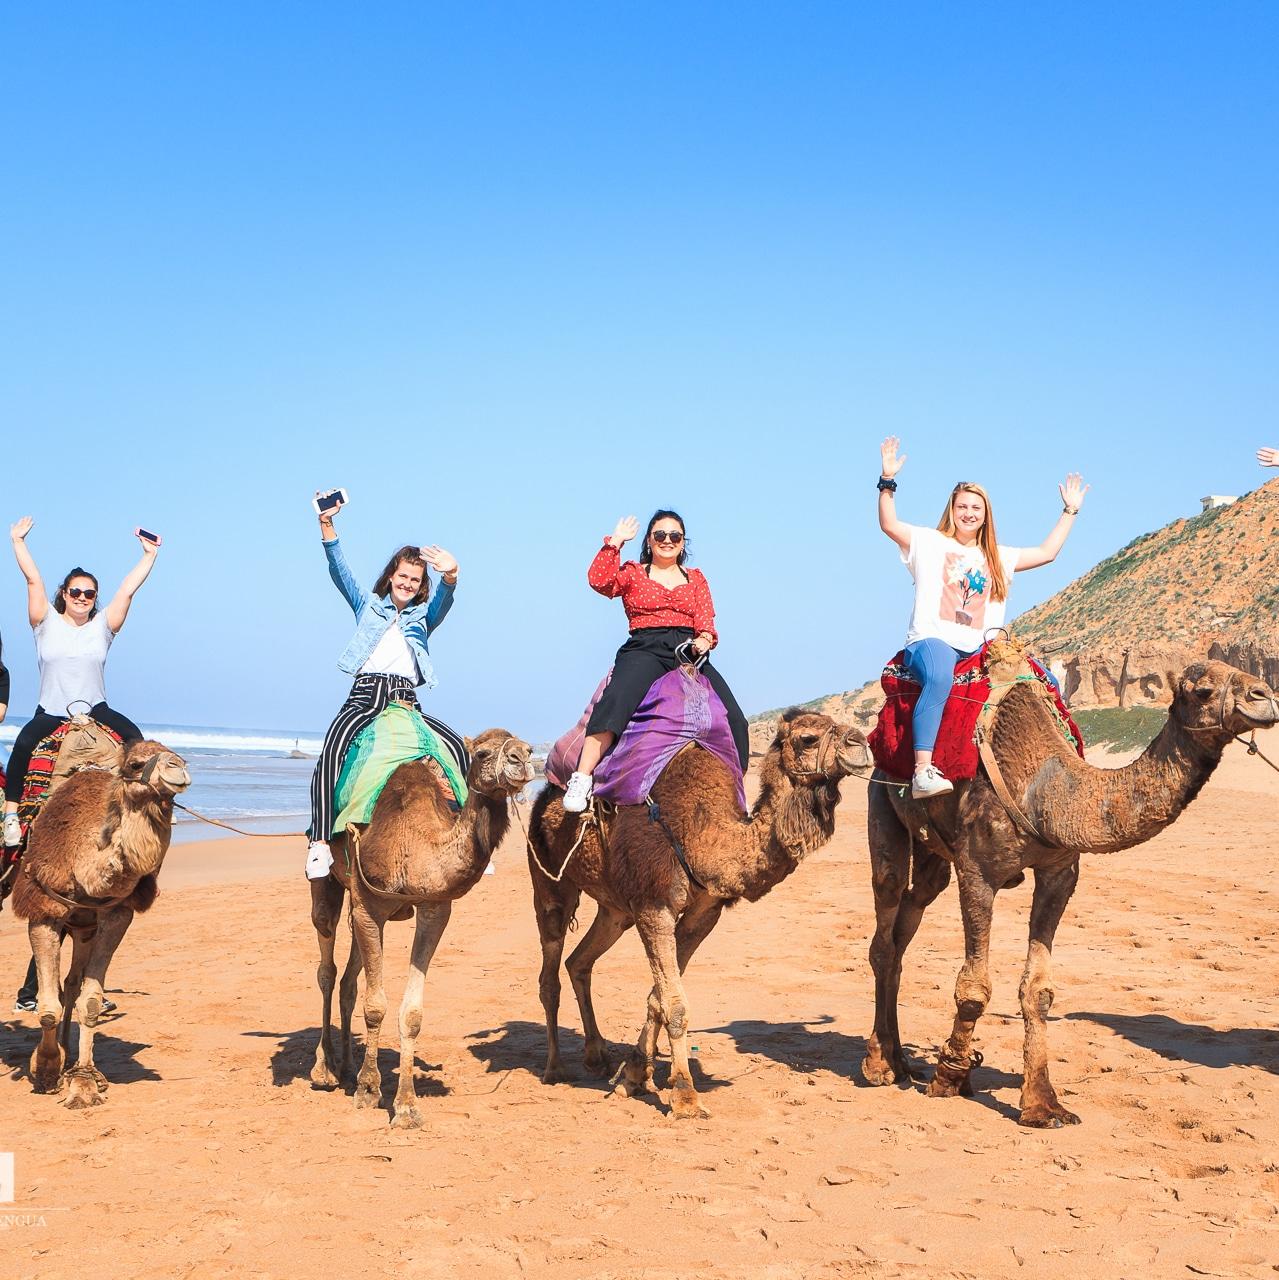 Gap year in Spain - Travel